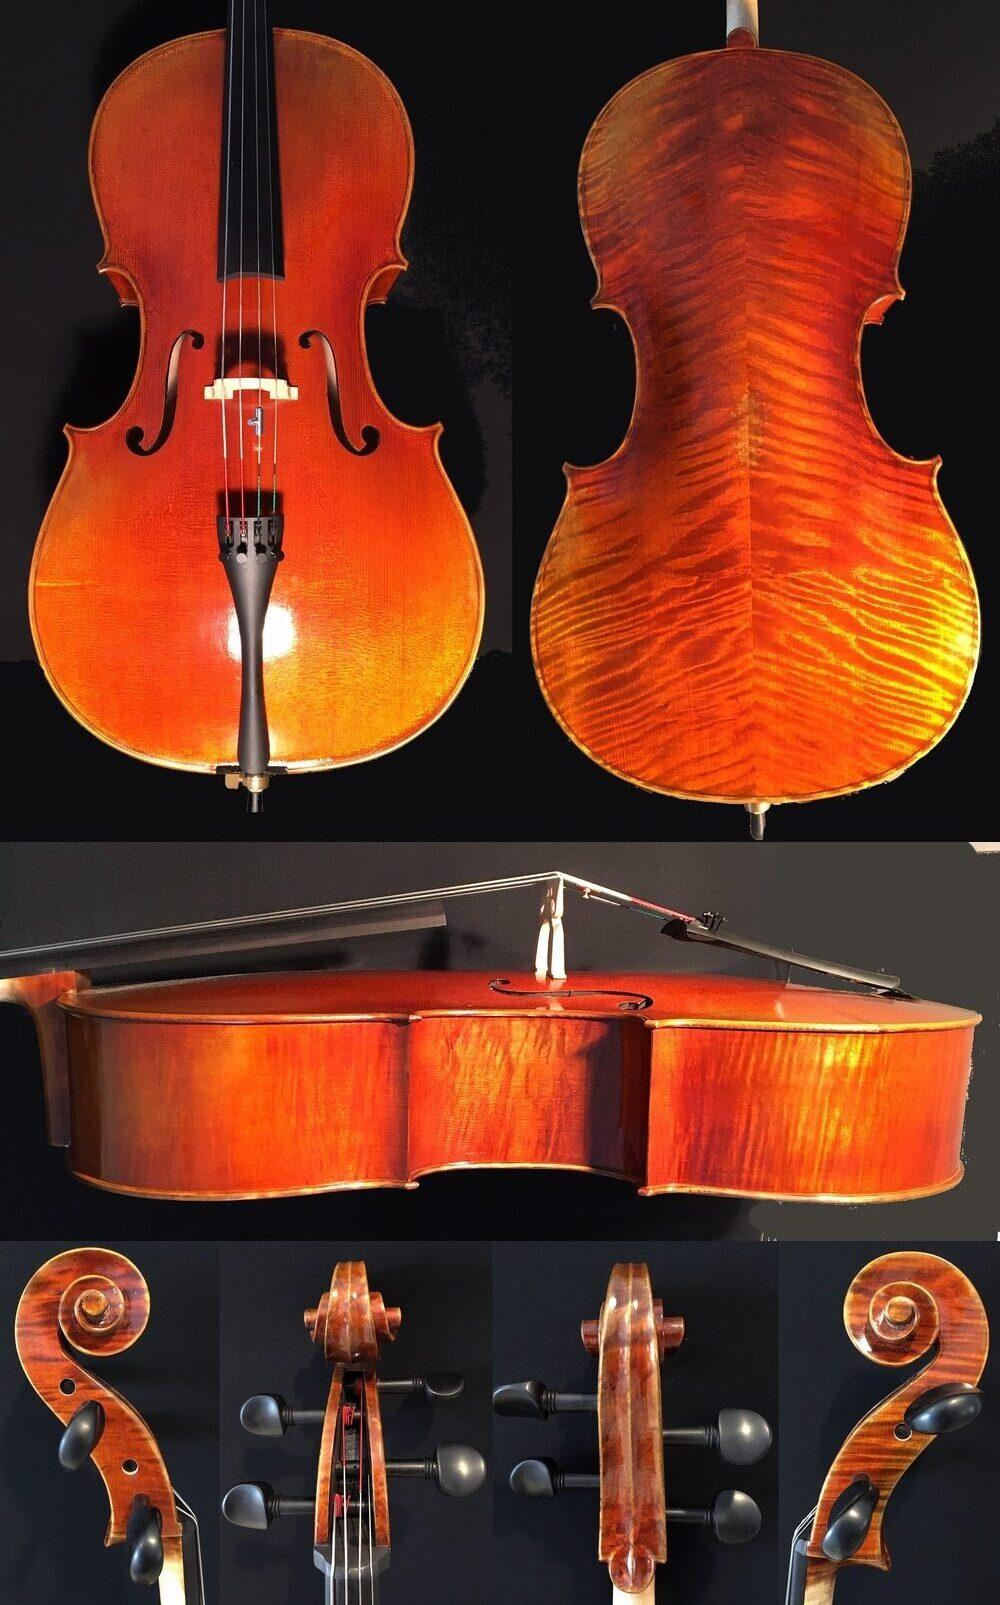 DXKY2 Cello